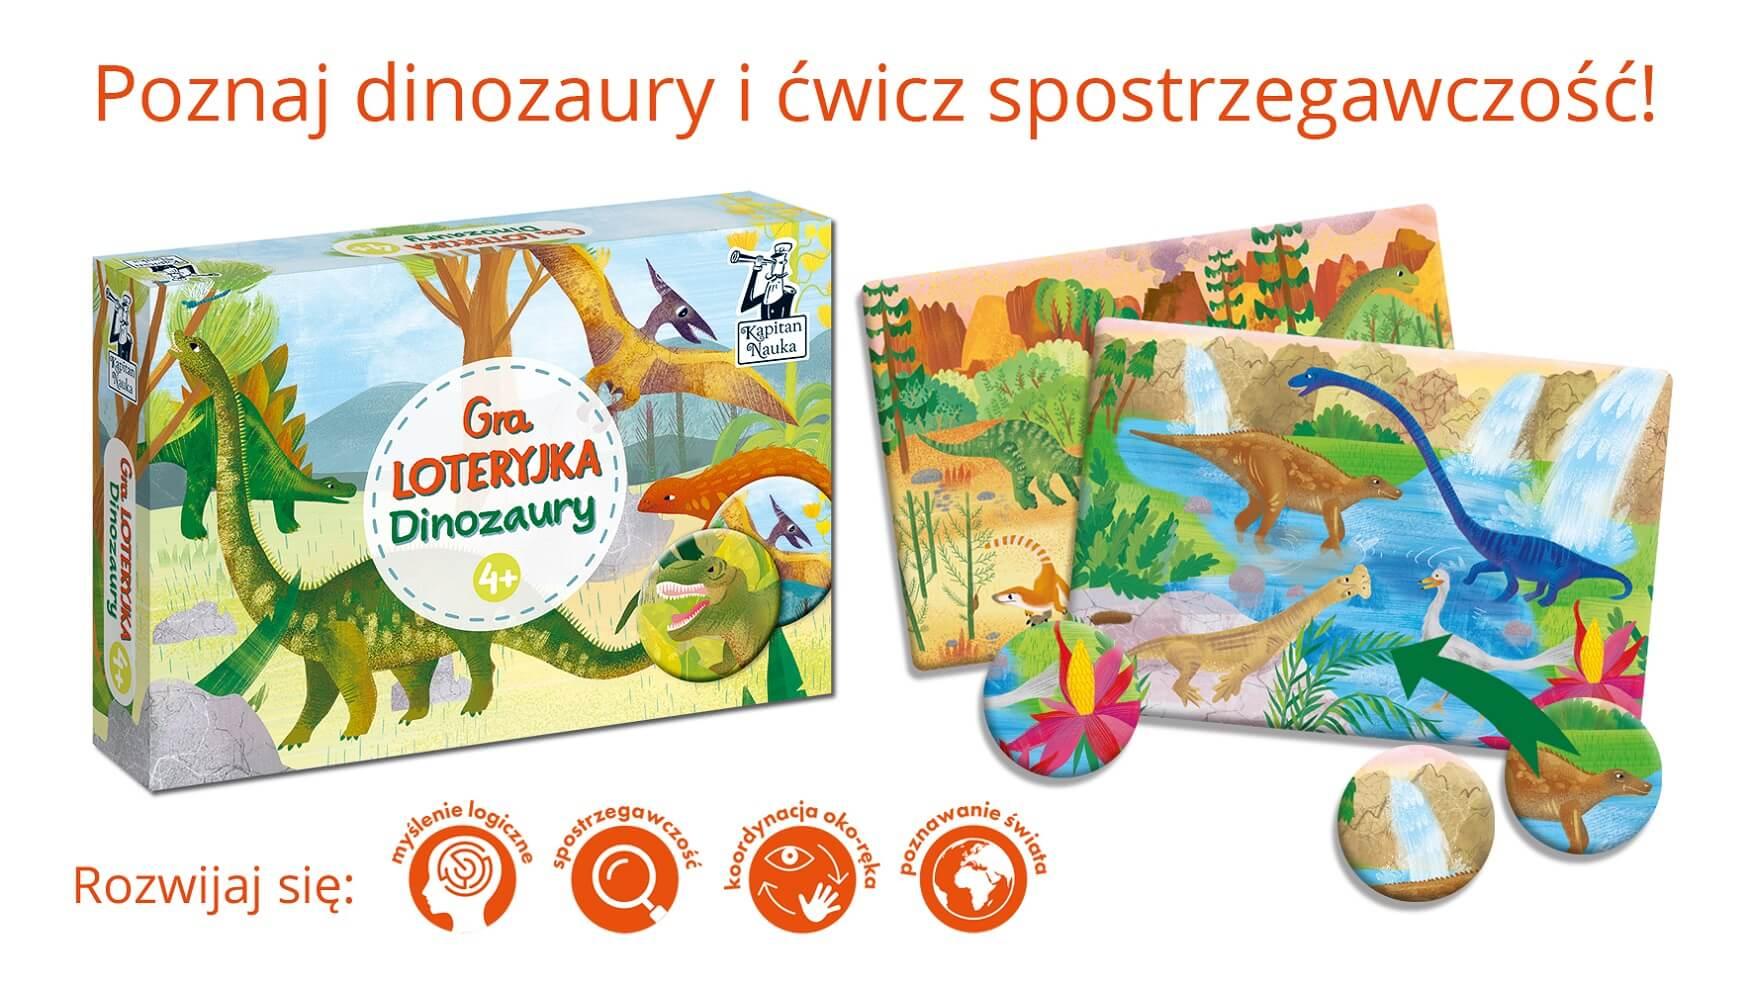 Dinozaury. Gra Loteryjka dla dzieci od 4 roku życia